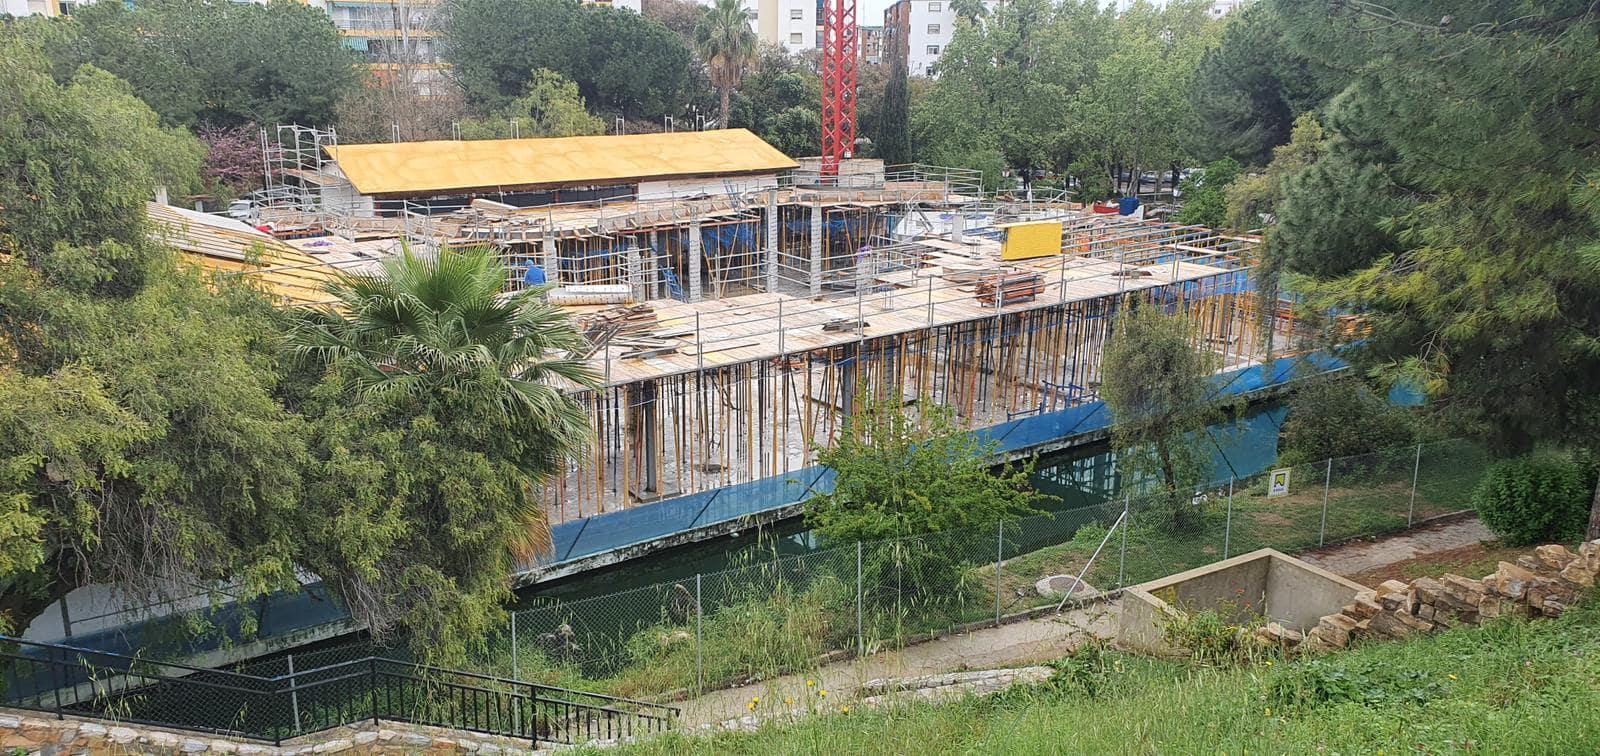 Mañana se reanudarán obras paralizadas por el decreto del Gobierno